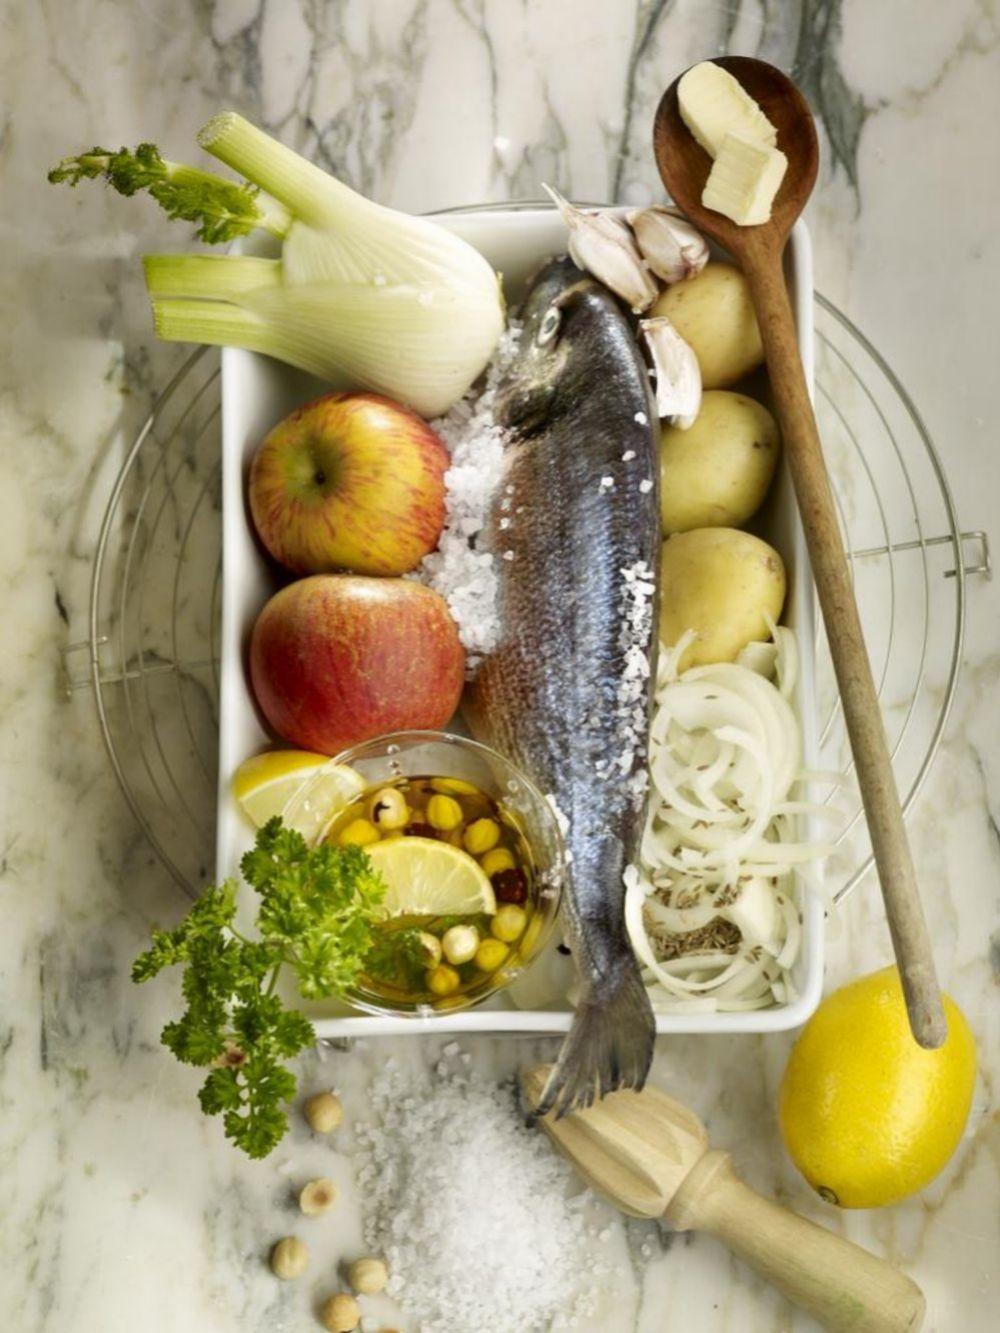 La dieta mediterránea fortalece tu sistema inmunitario.